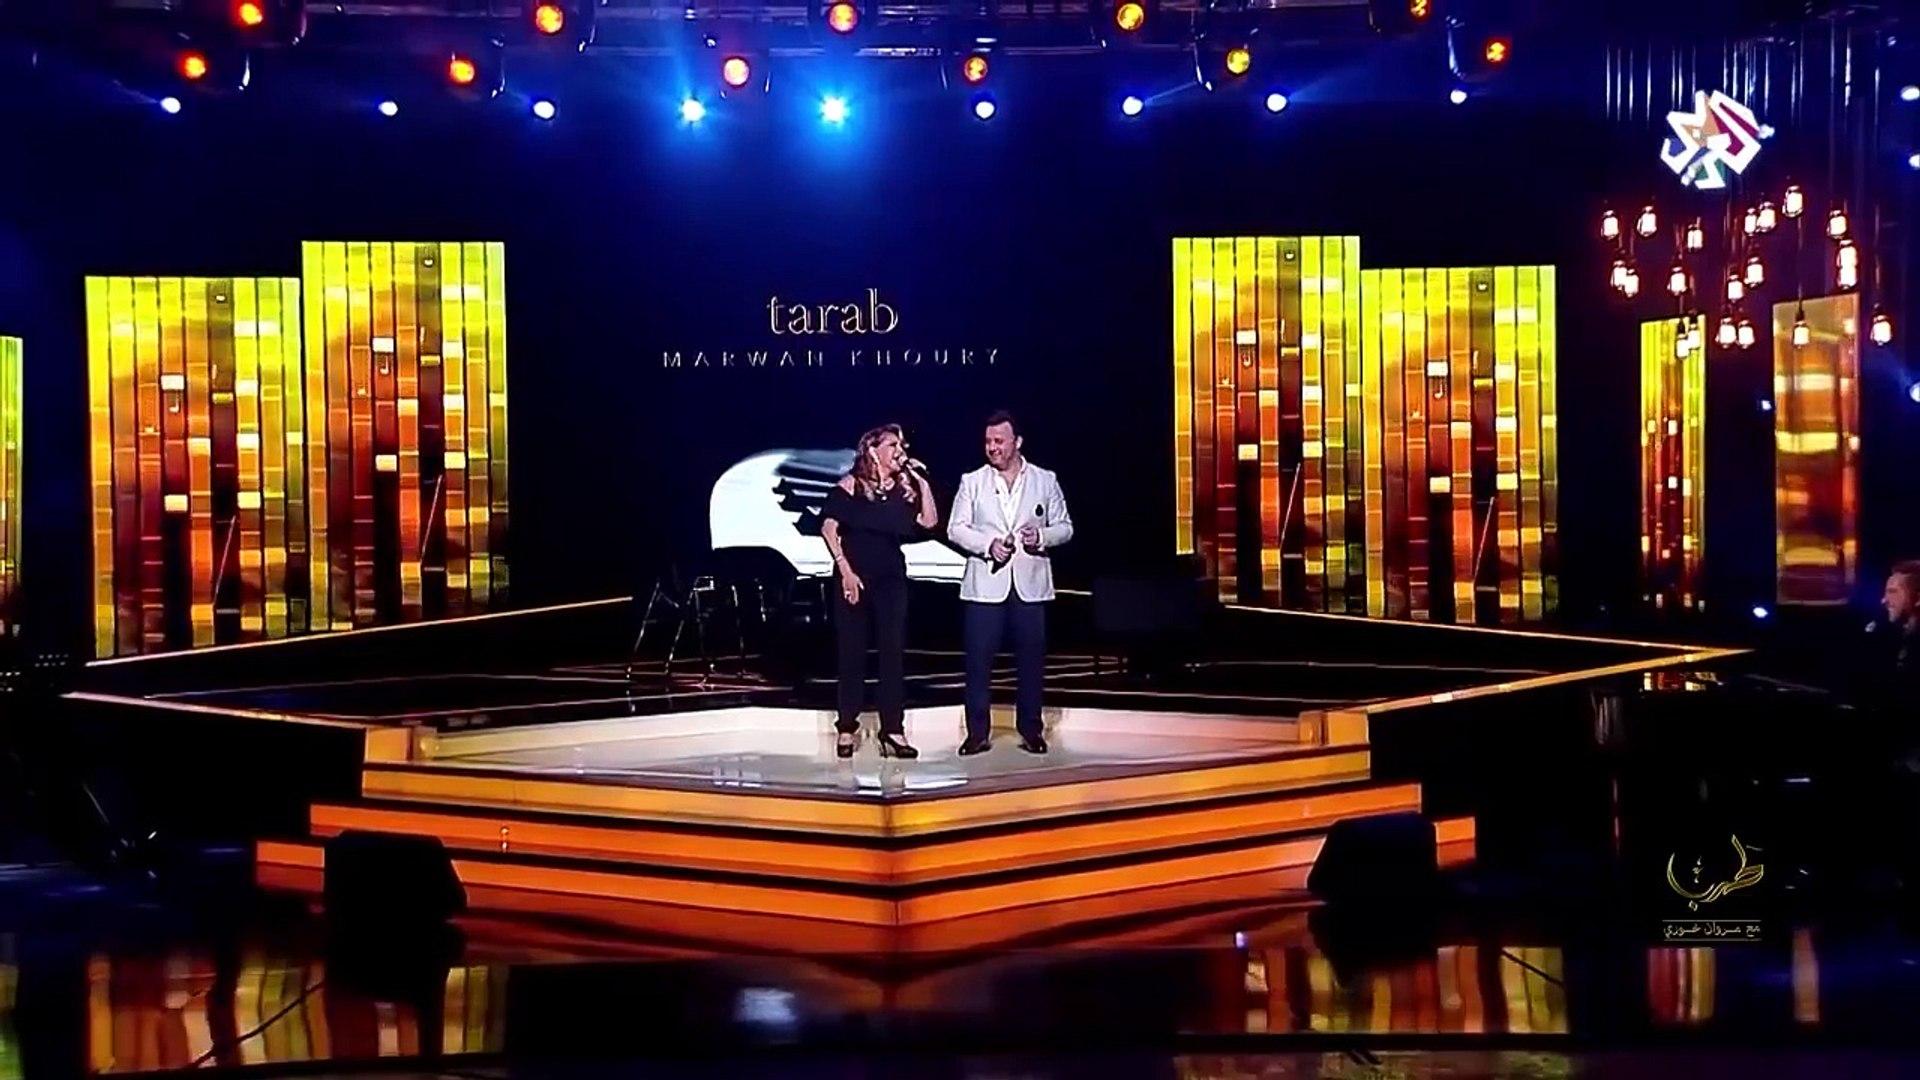 عز الحبايب - مروان خوري و فله الجزائرية وصبحي توفيق من برنامج طرب مع مروان خوري